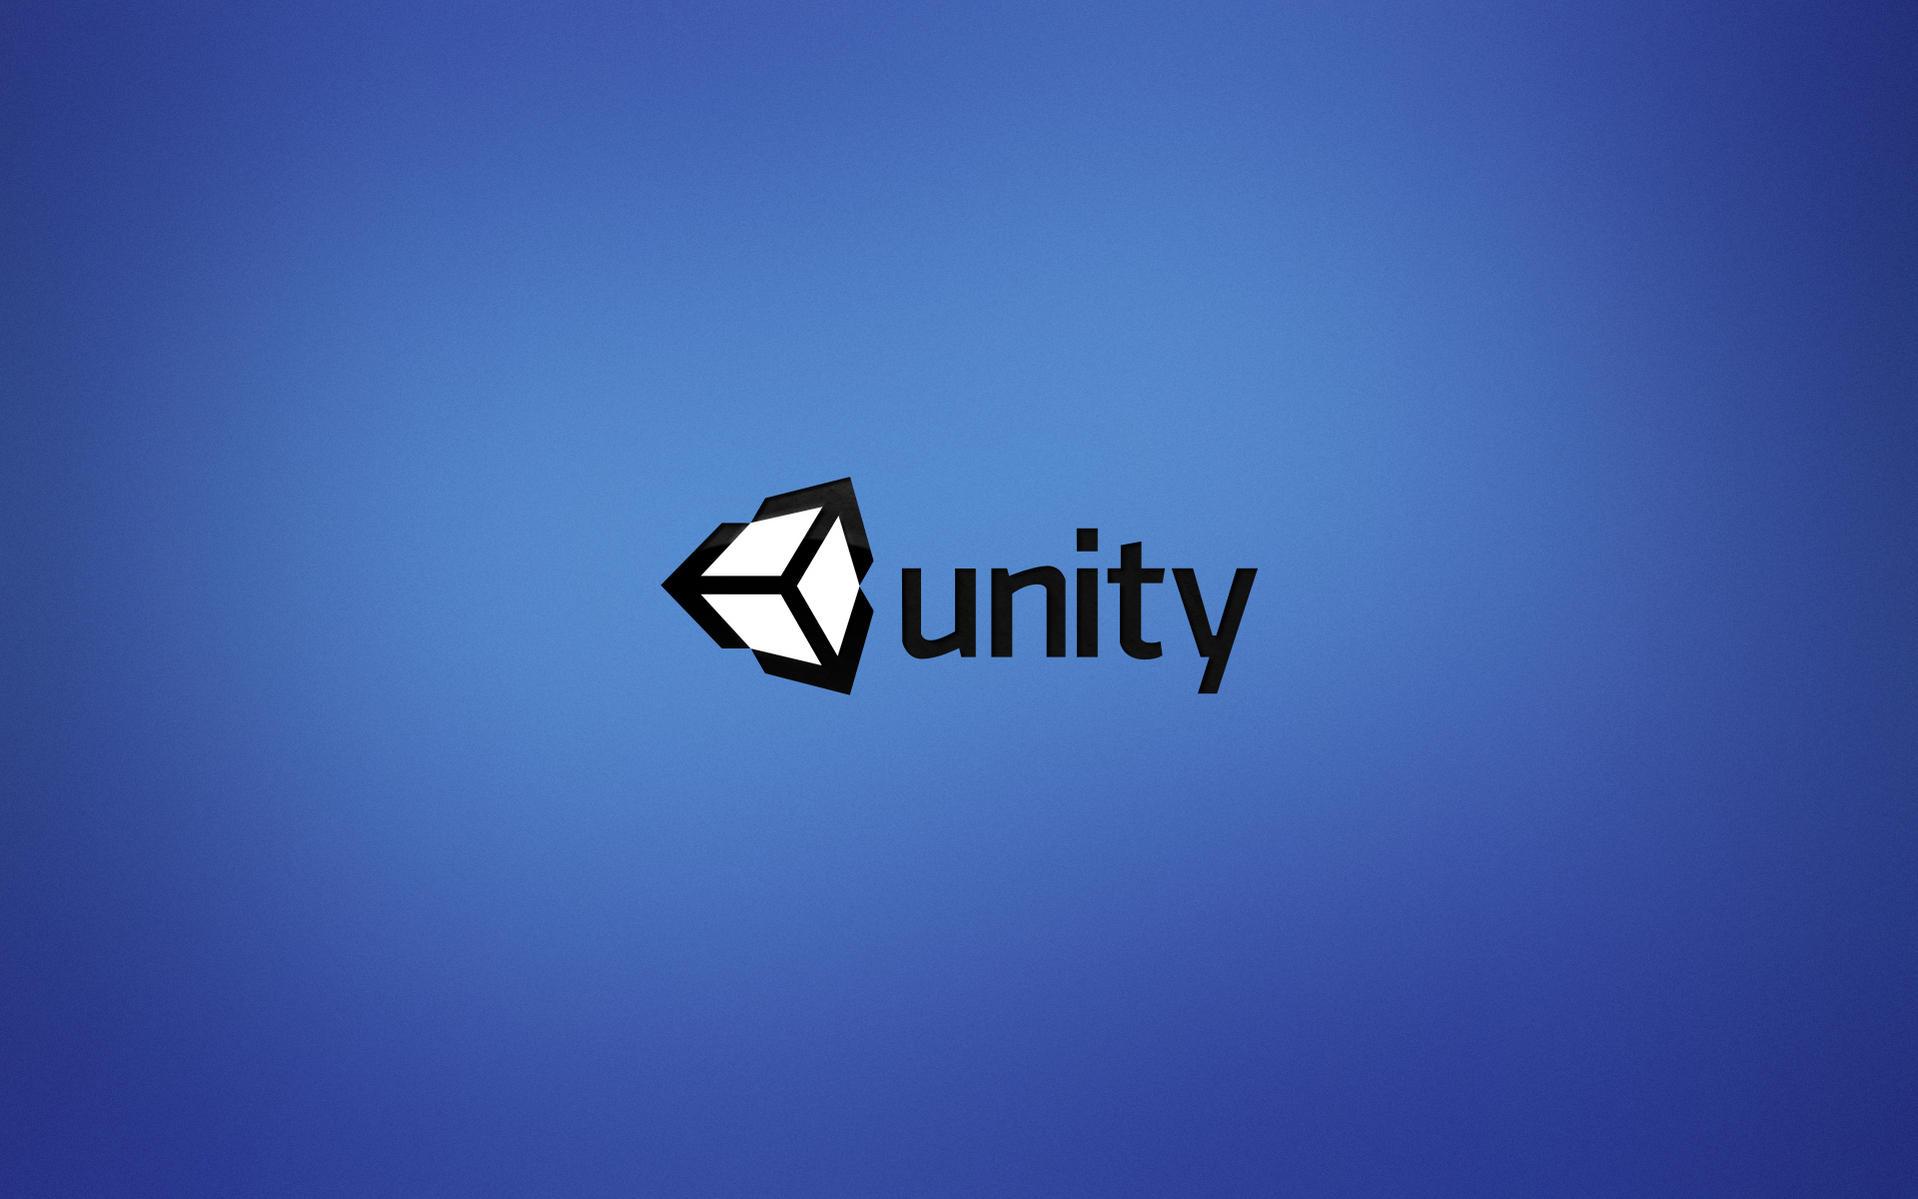 unitylogo2